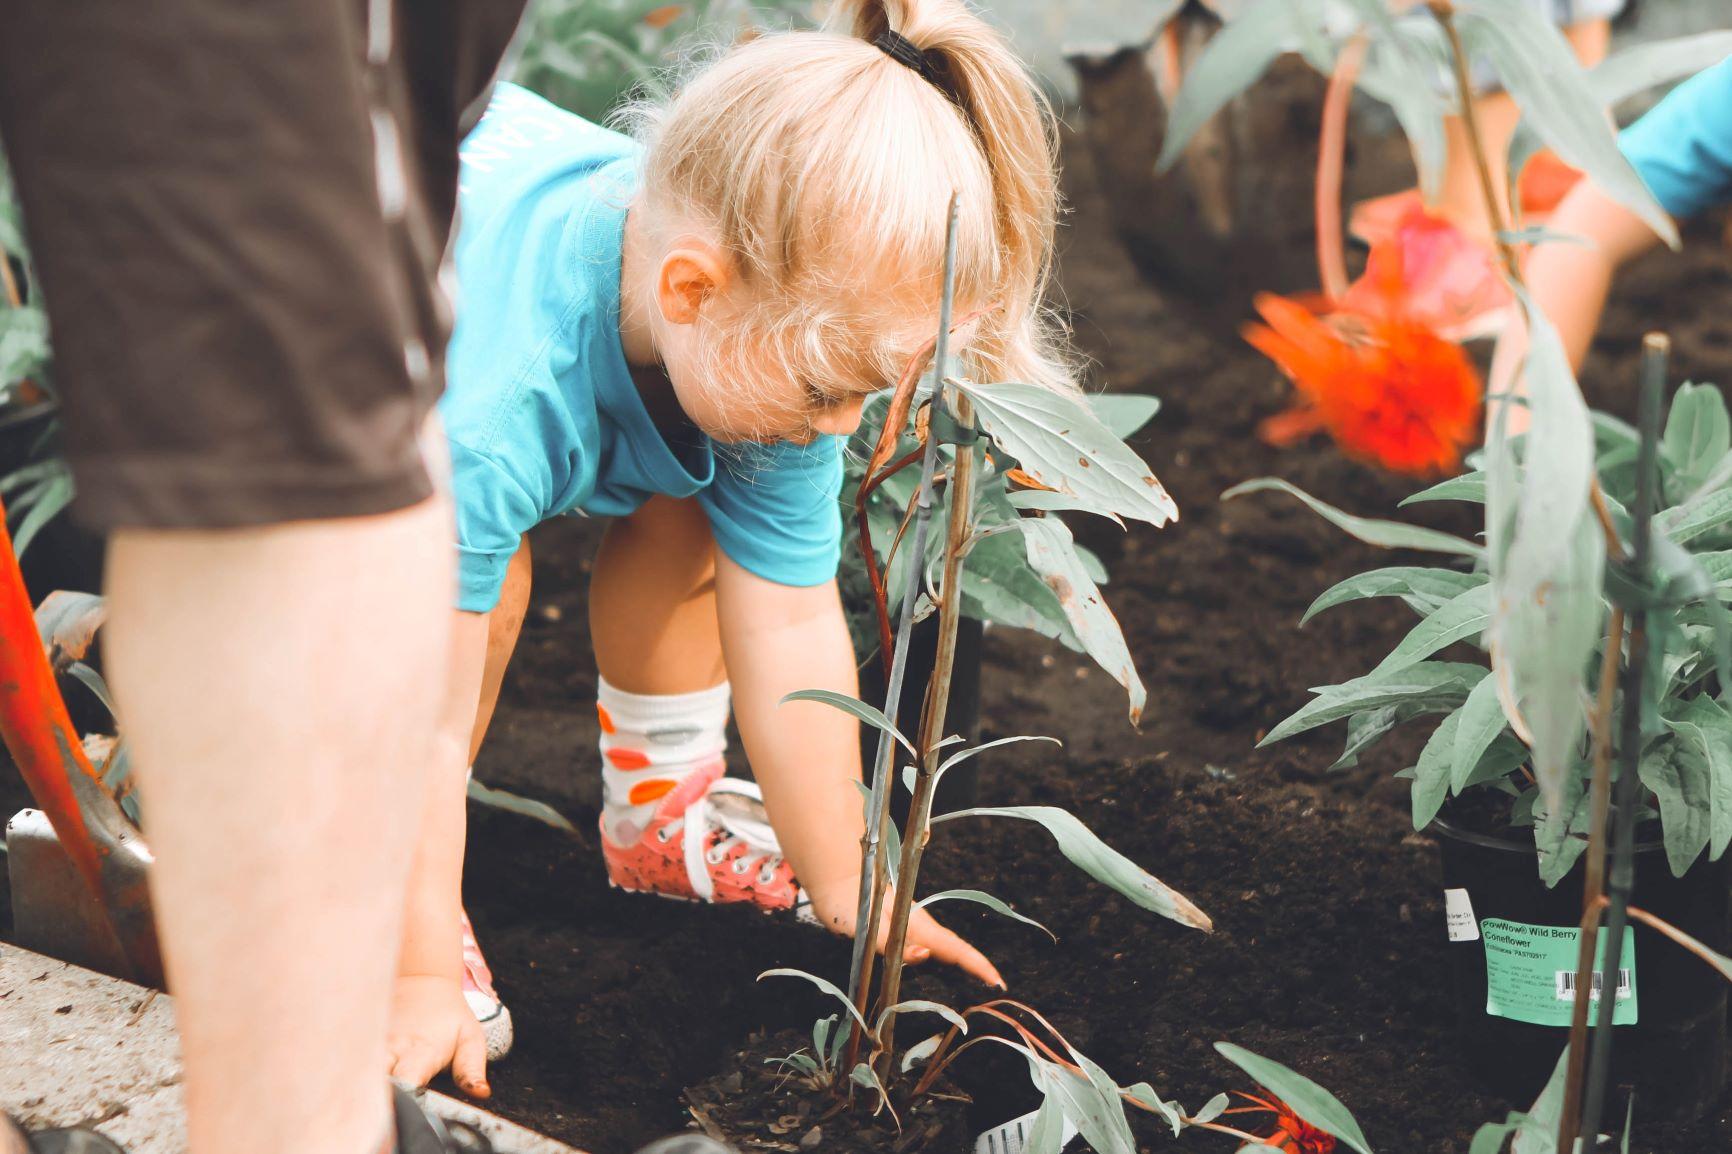 Small child in garden